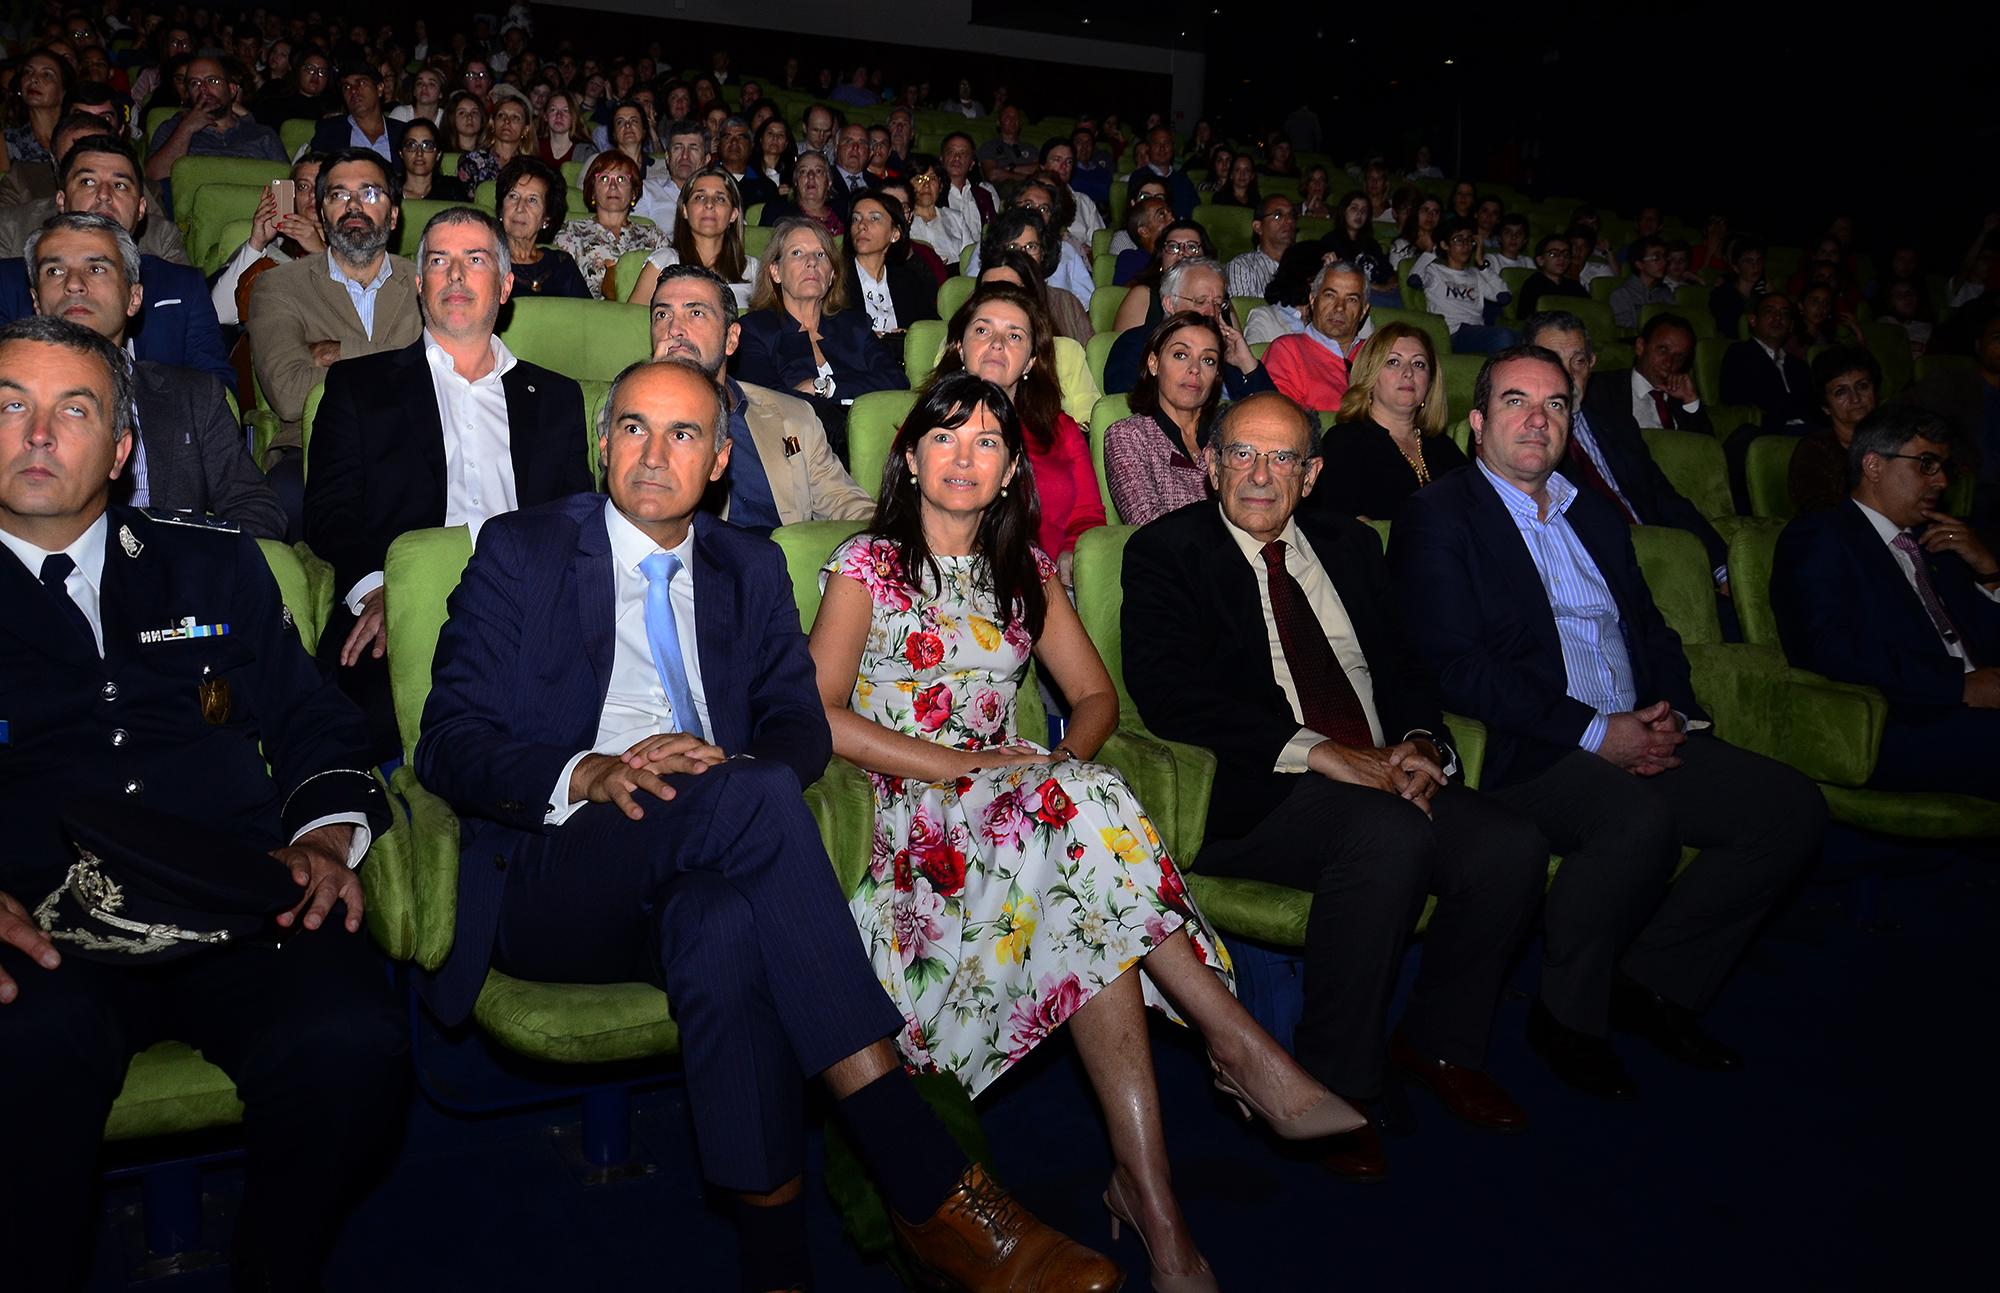 Susana Prada defendeu reajustamento da economia para um mundo sustentável